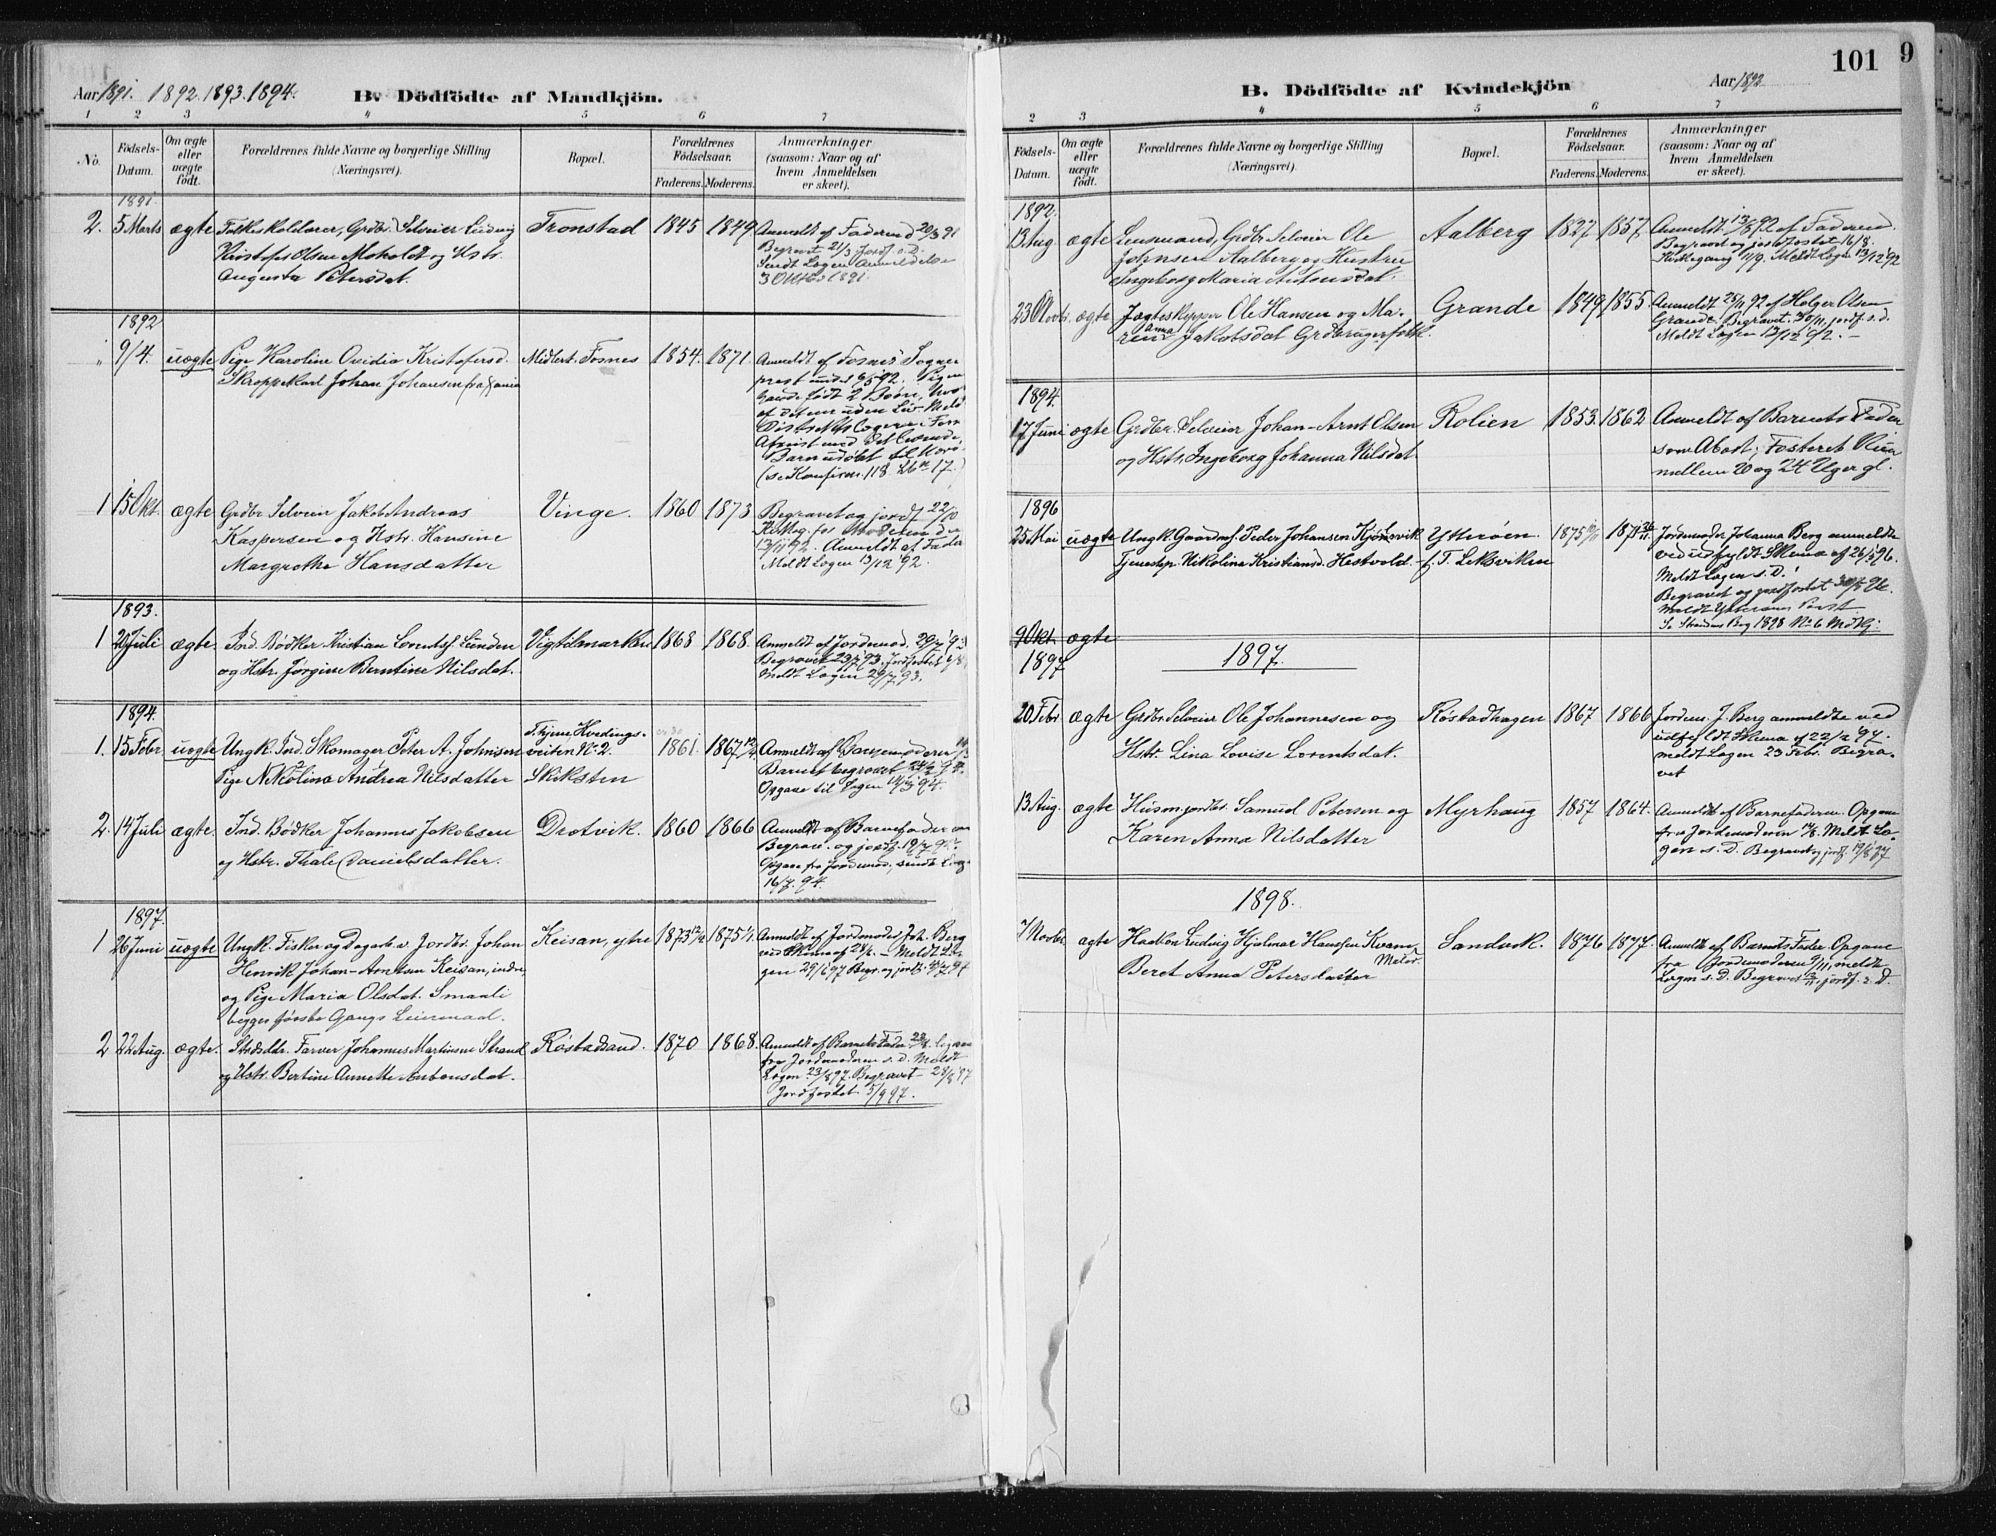 SAT, Ministerialprotokoller, klokkerbøker og fødselsregistre - Nord-Trøndelag, 701/L0010: Ministerialbok nr. 701A10, 1883-1899, s. 101